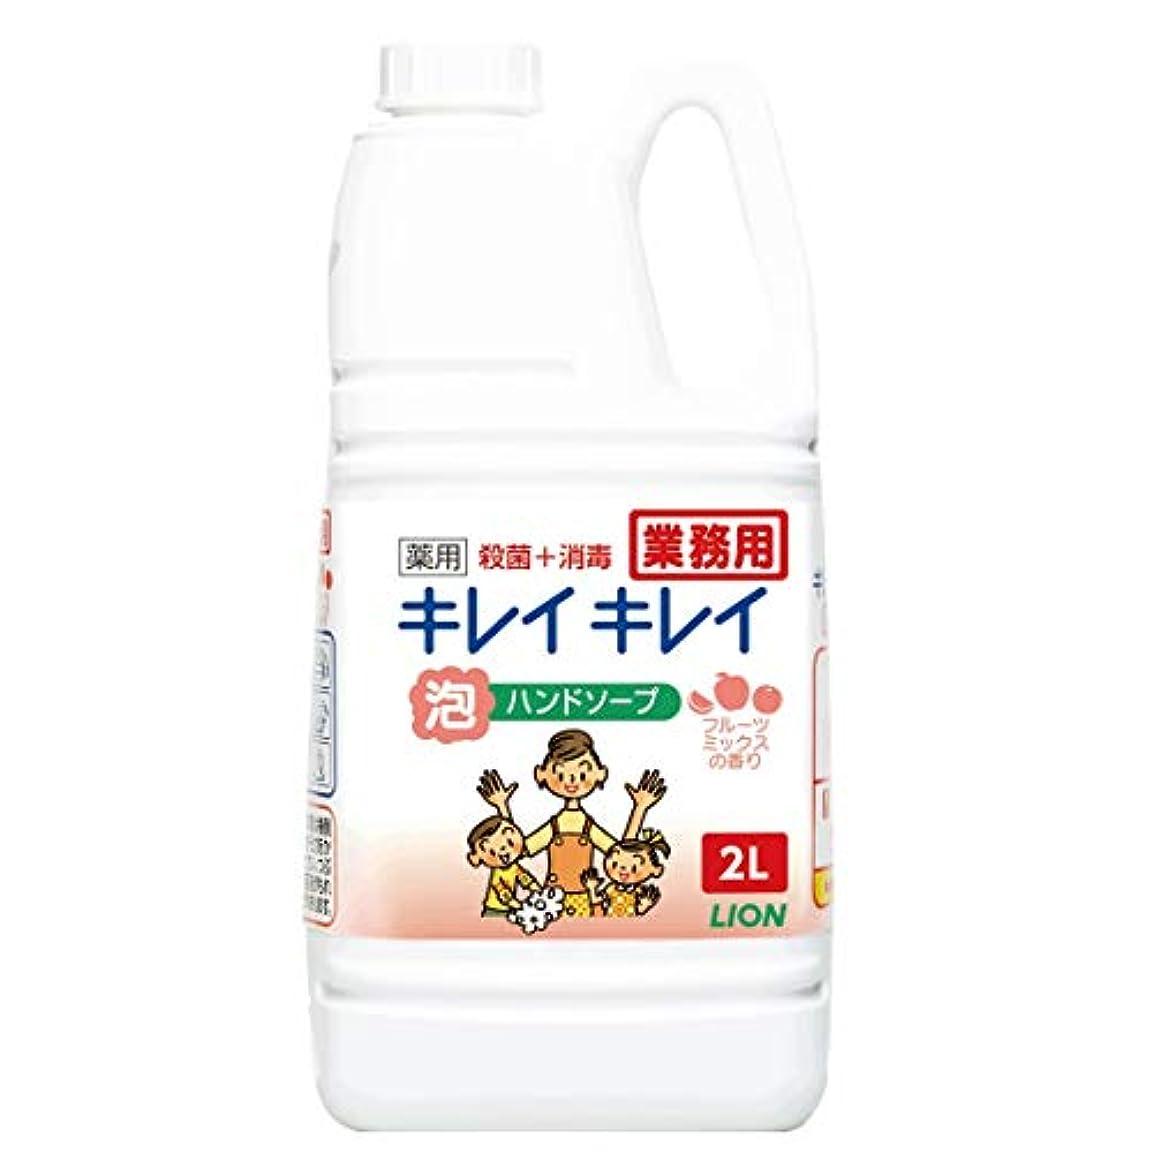 生き返らせる宣言パイプ【大容量】キレイキレイ 薬用泡ハンドソープ フルーツミックスの香り 2L